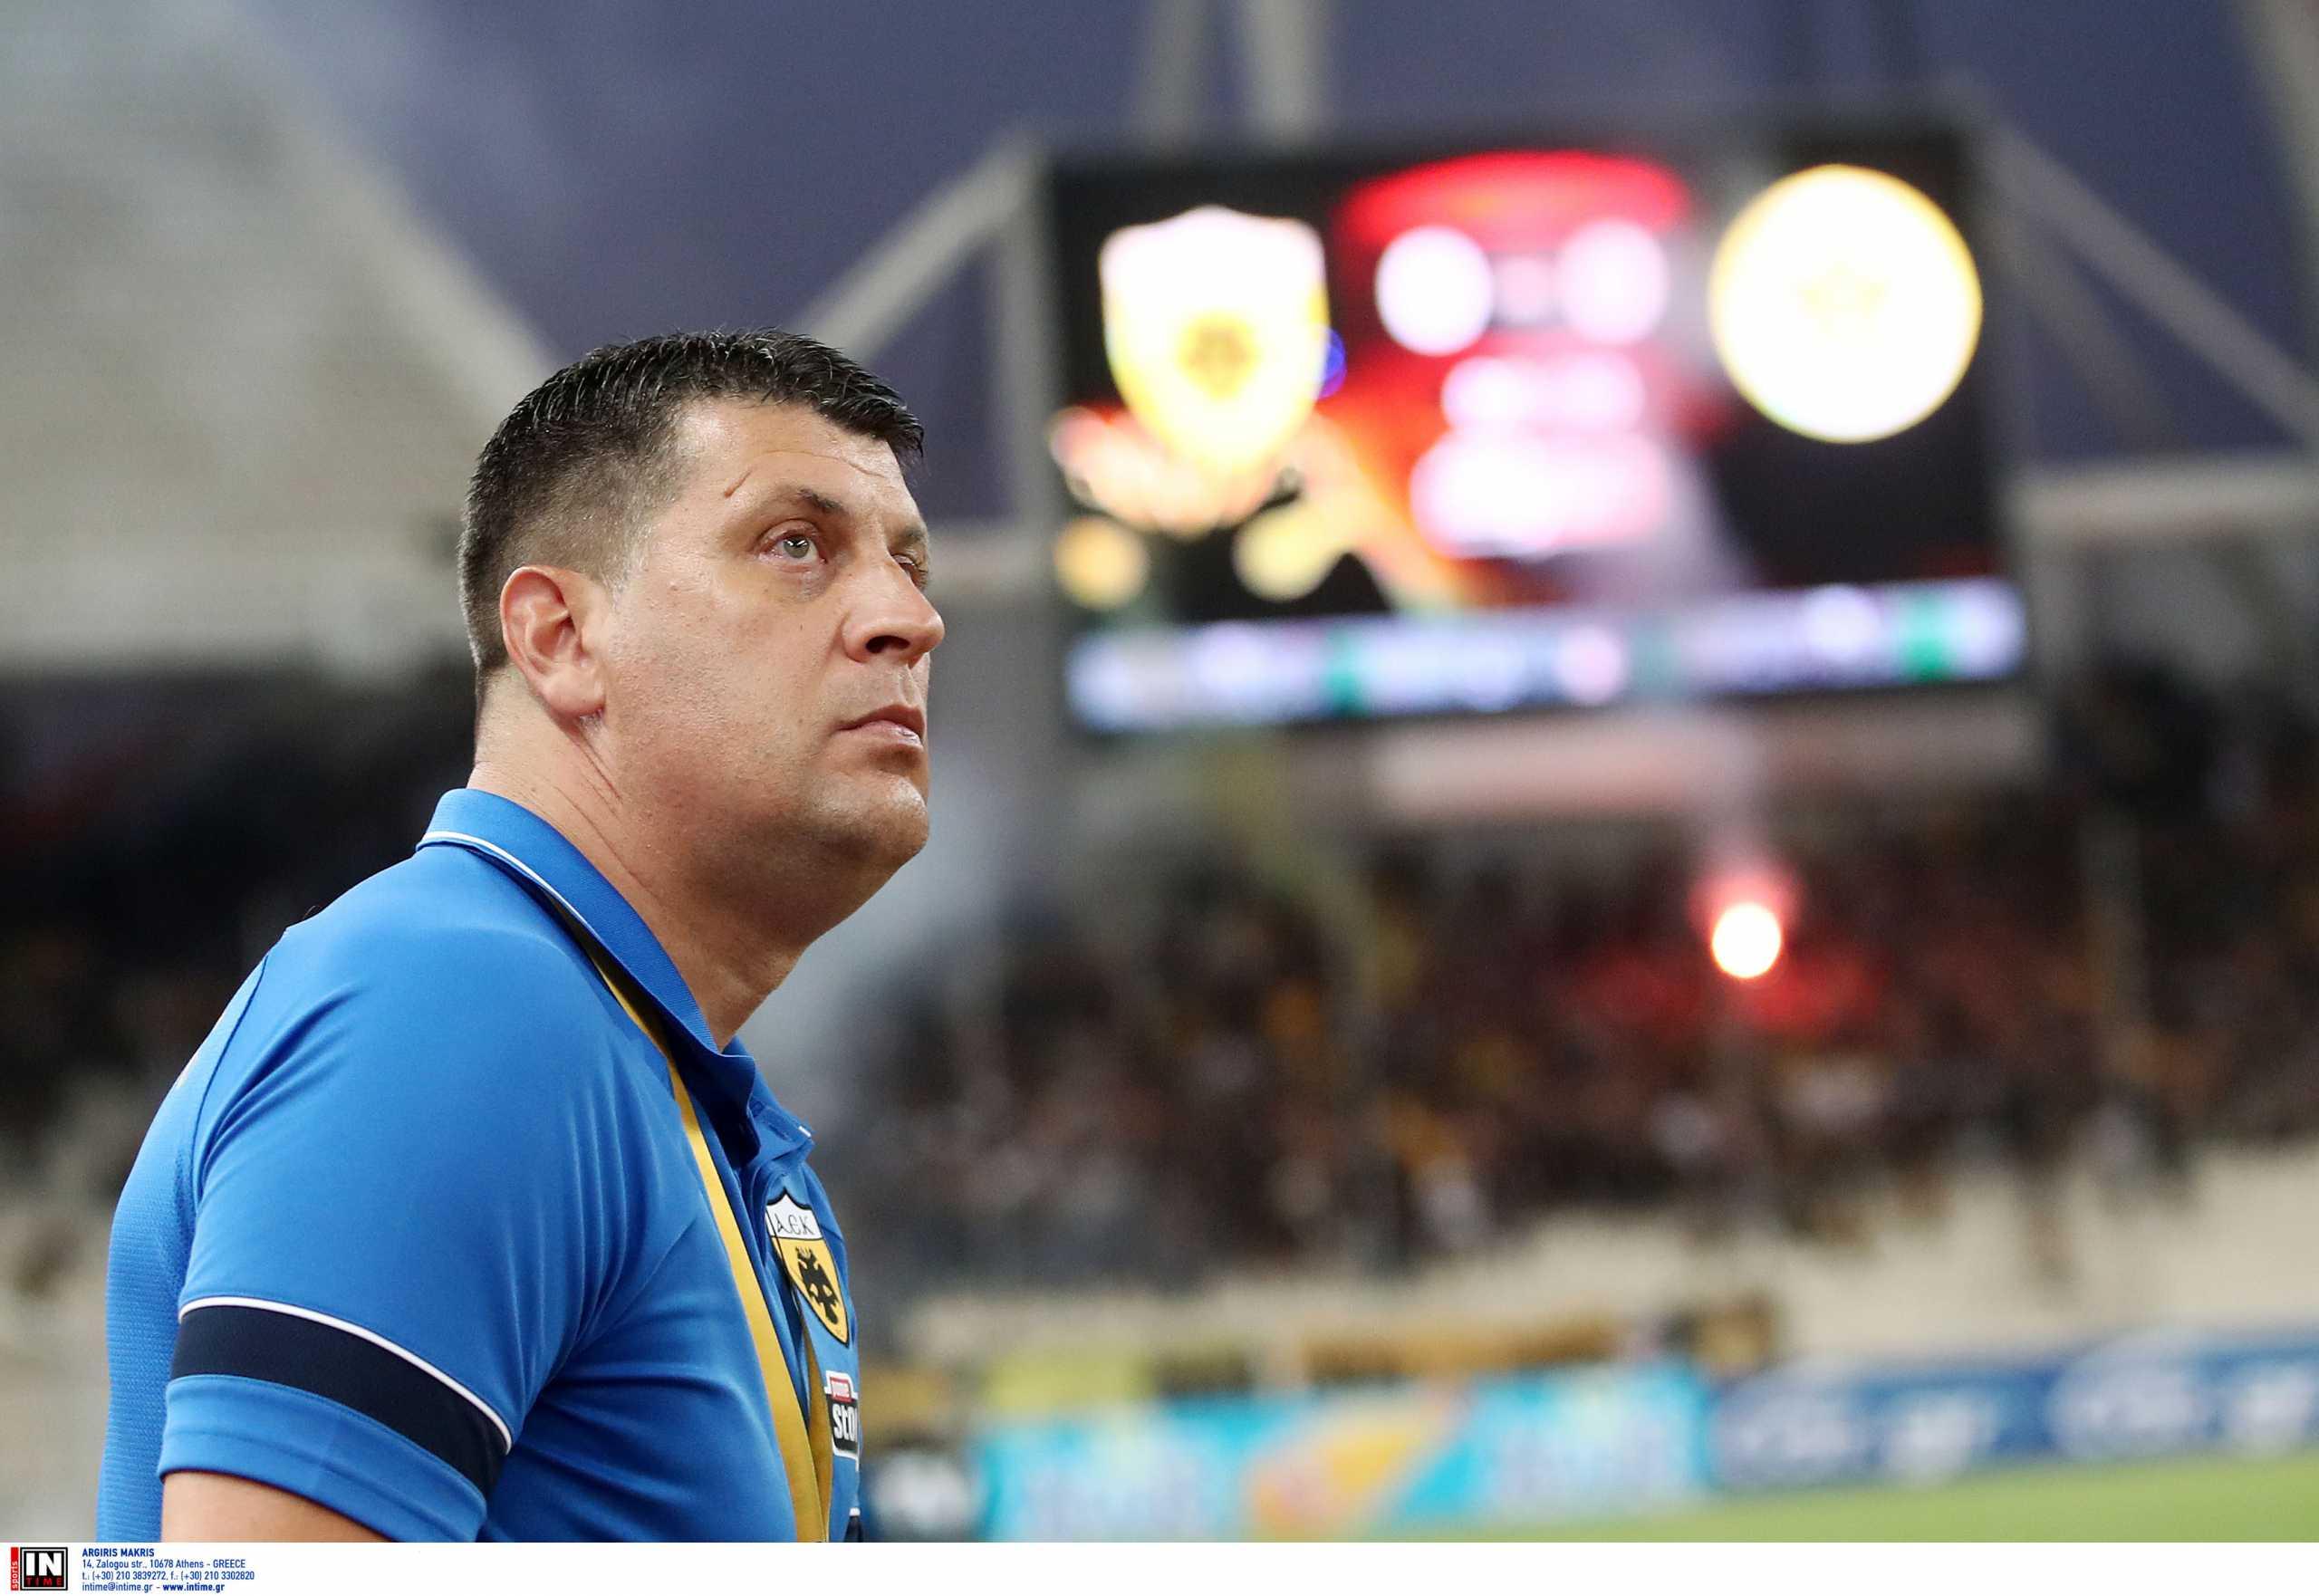 ΑΕΚ: «Γκάζια» του Μιλόγεβιτς στους παίκτες για όσα είδε στο φιλικό με τον Απόλλωνα Σμύρνης